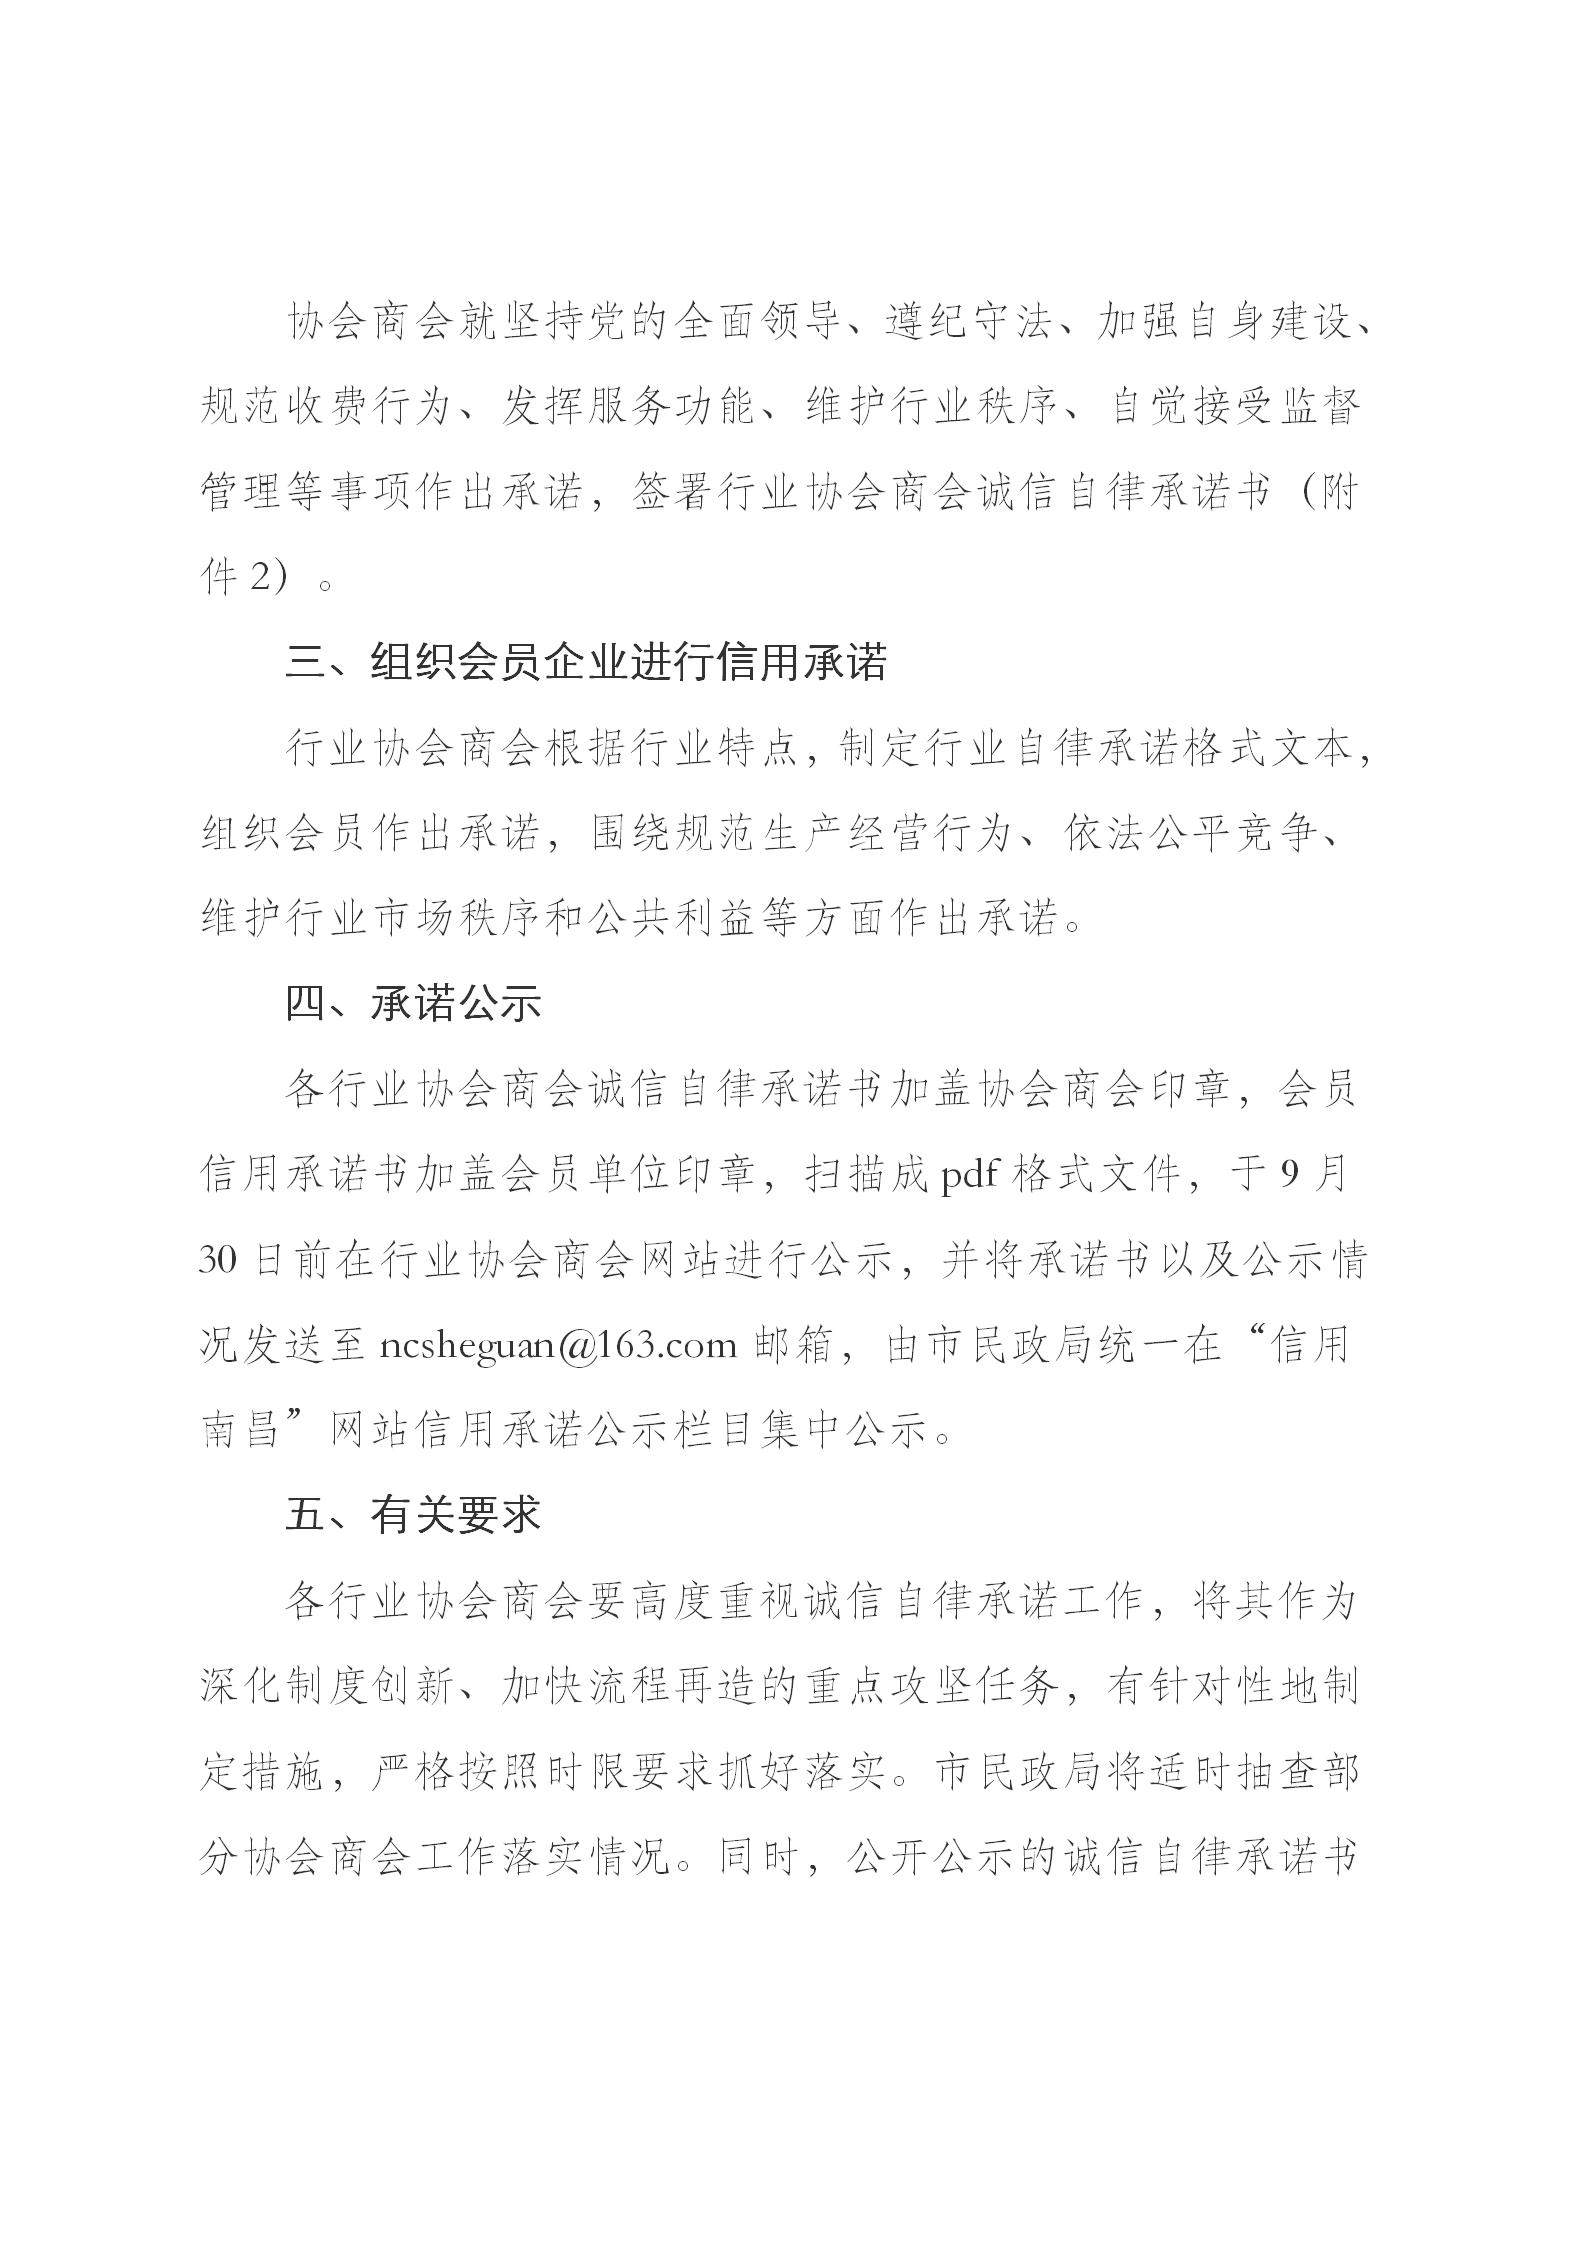 南昌市民政局关于开展行业协会商会诚信自律承诺工作的通知(20200827)_02.png